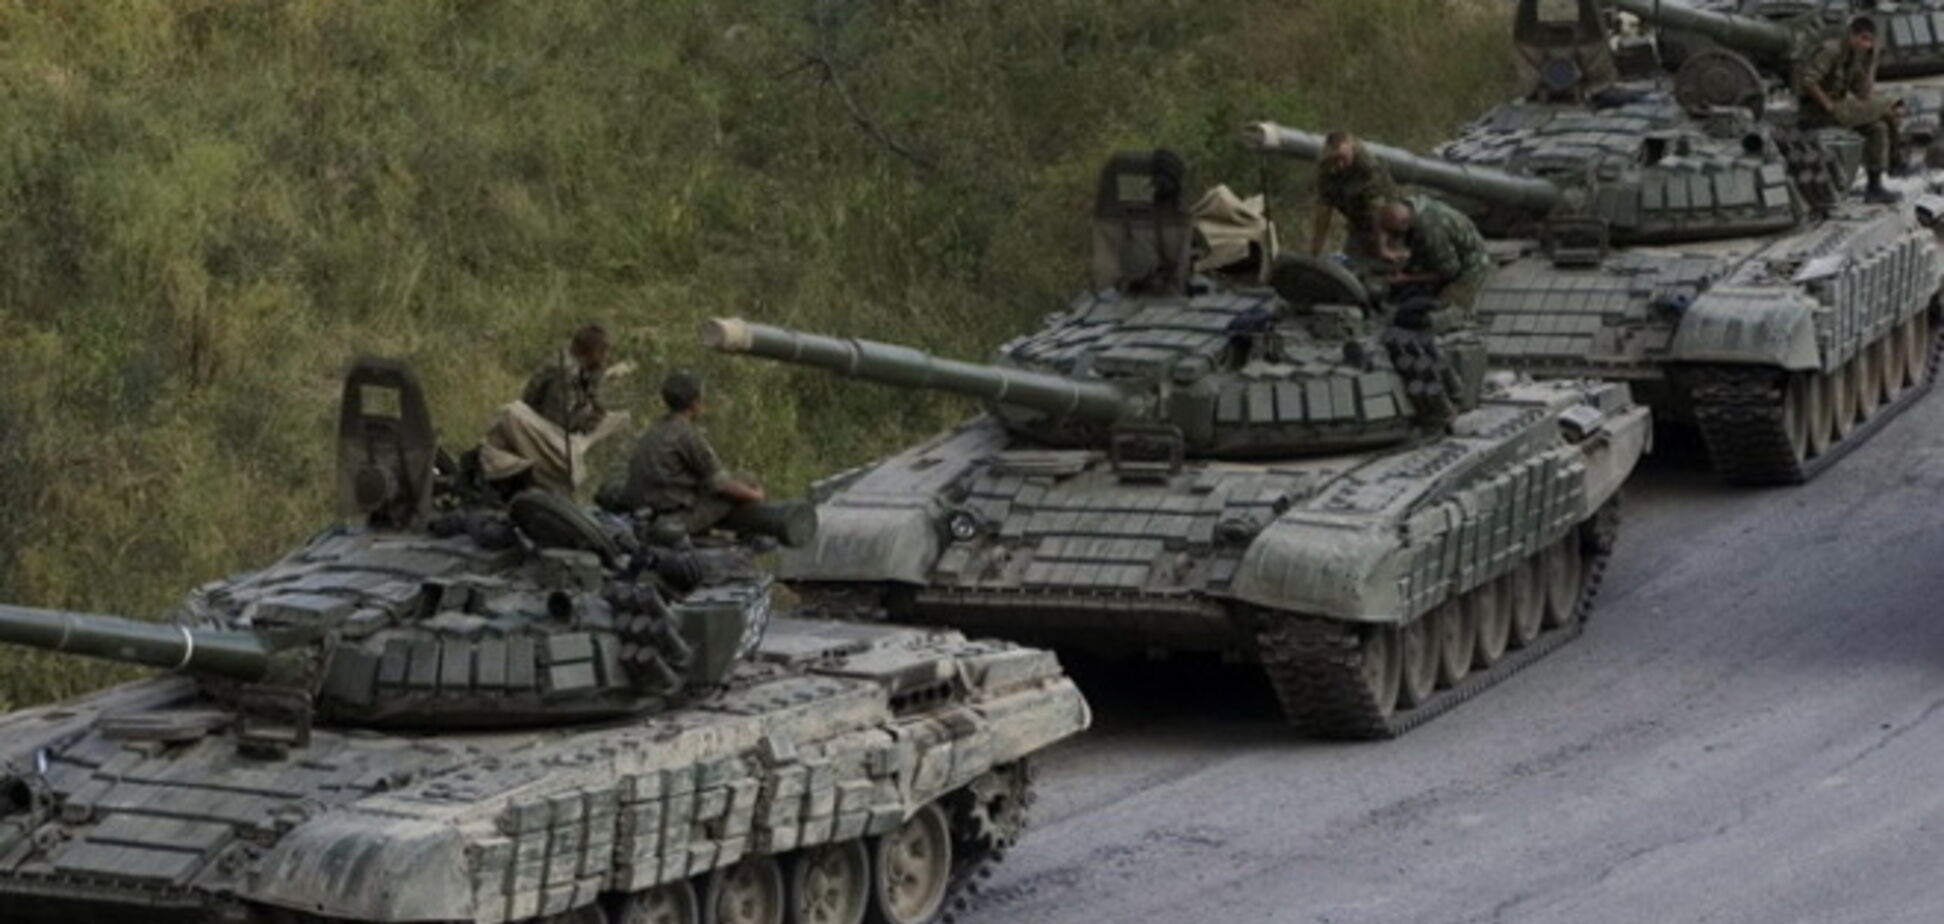 Российские военные на самолете прикрывают террористов и технику, которые проникают в Украину